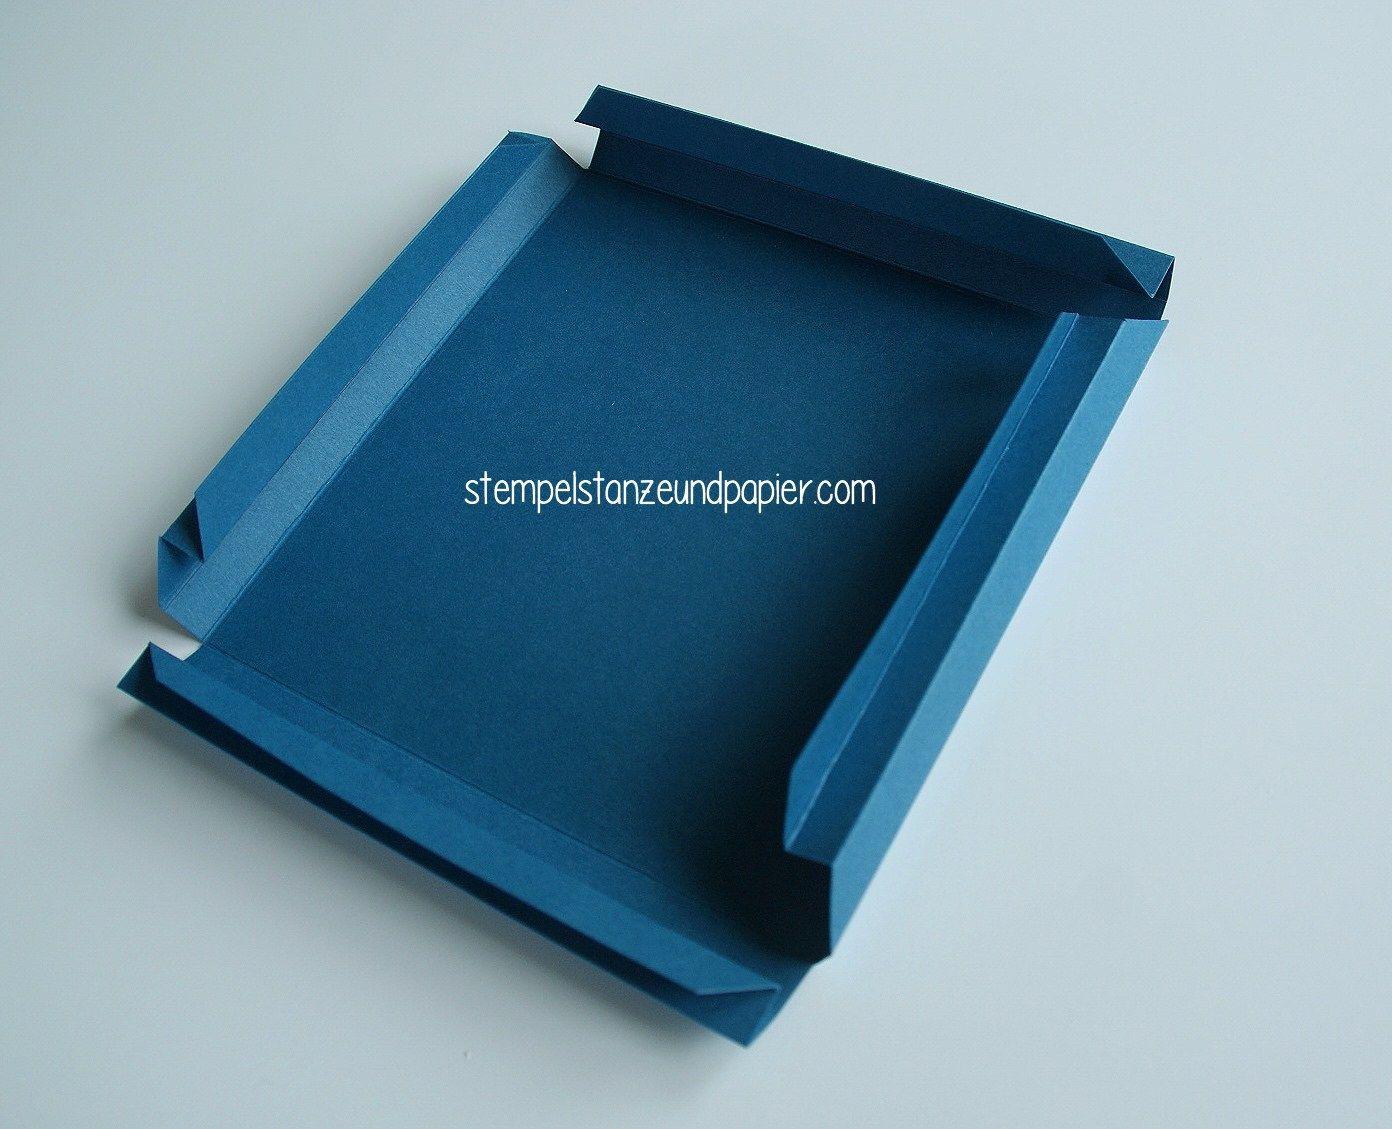 Anleitung für einen Bilderrahmen aus Papier | Origami